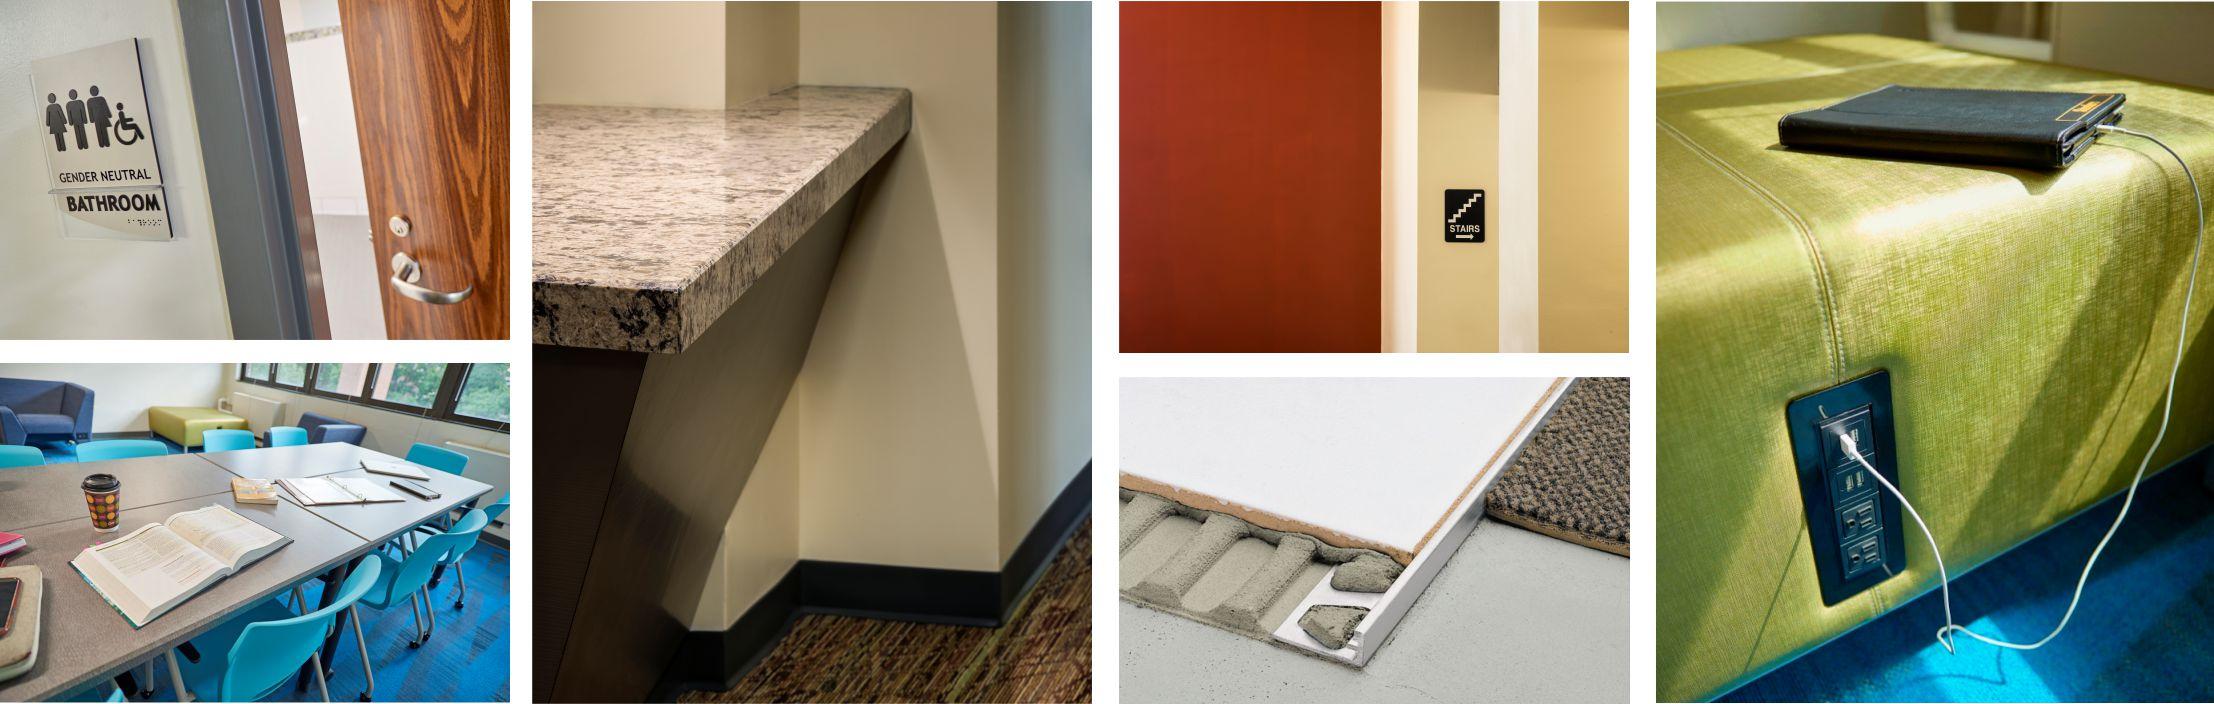 collage of interior design details